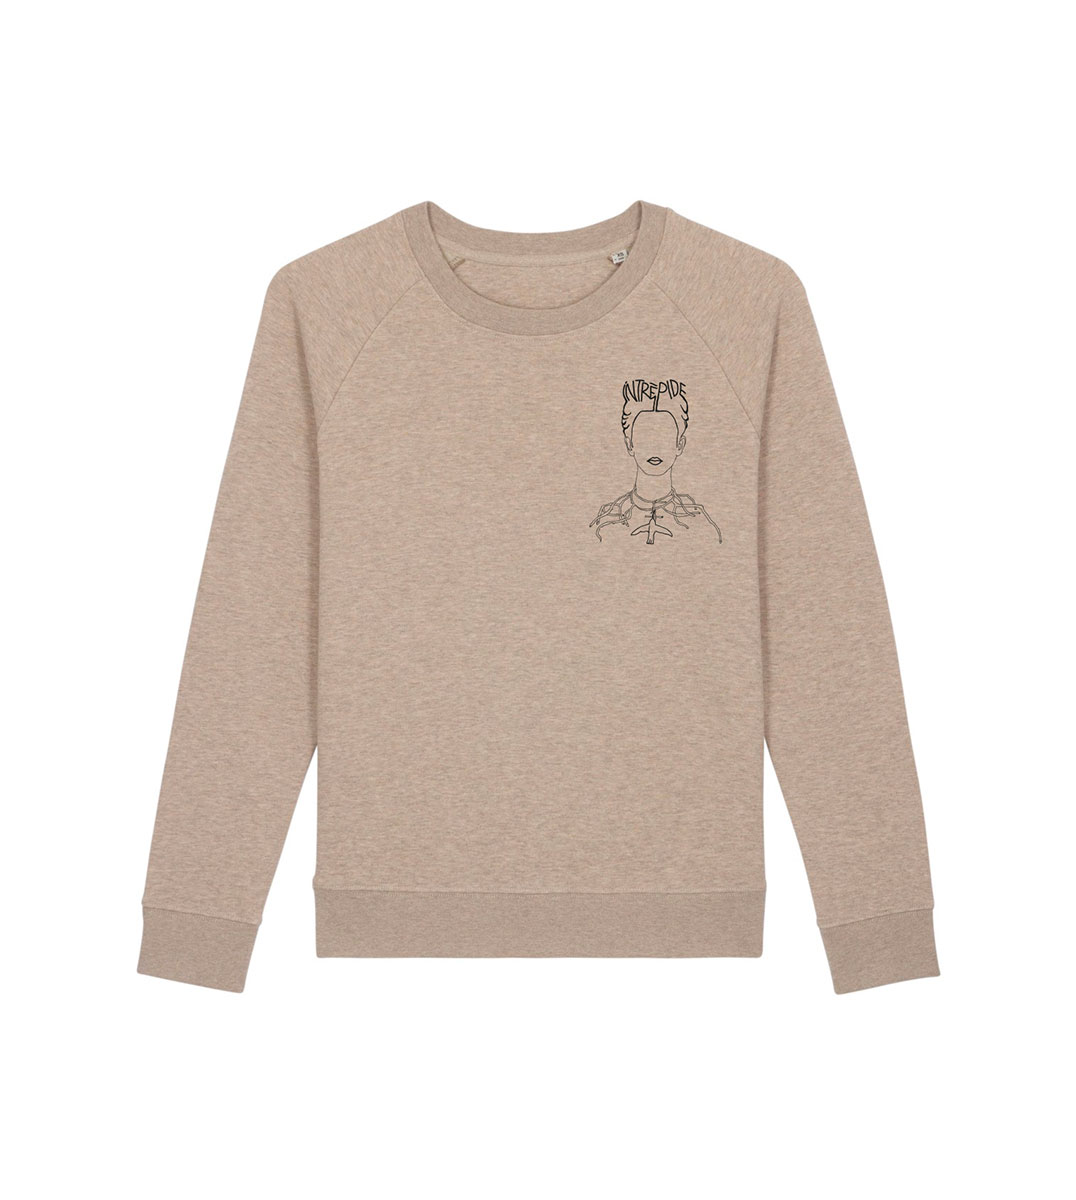 mockup d'un sweat beige en coton bio, sur ce sweatshirt on trouve un dessin représentant frida kahlo